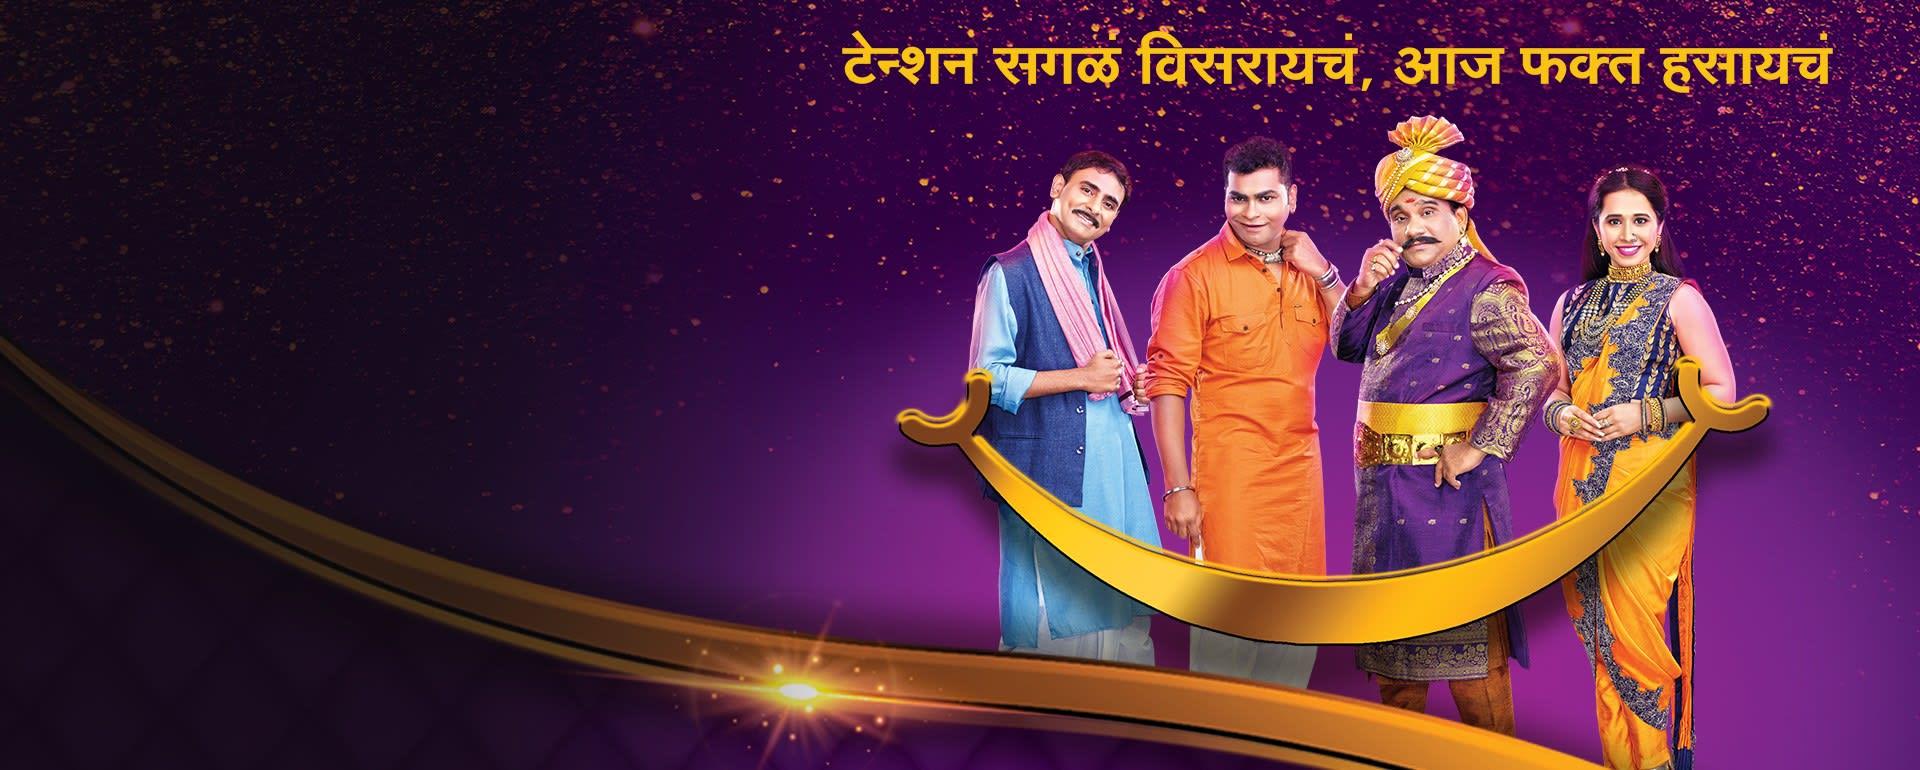 Zee Talkies Comedy Awards 2020